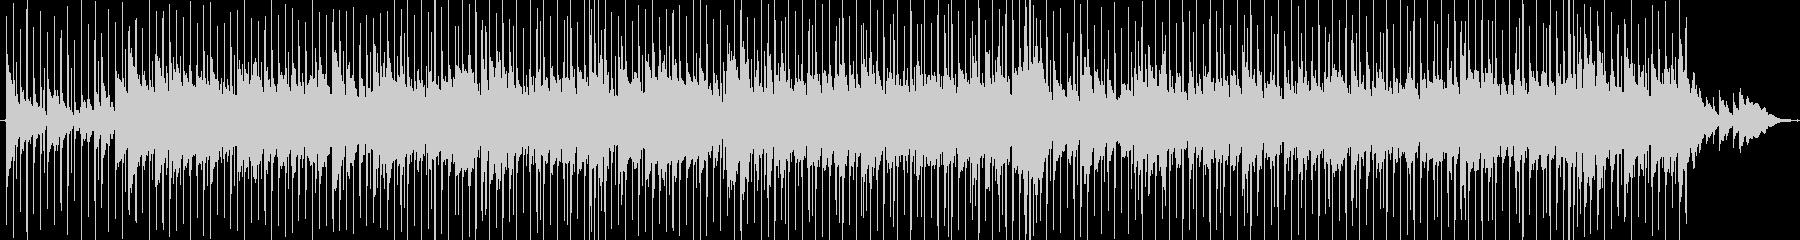 オルガン、チャイム、ボンゴ、ピアノ...の未再生の波形